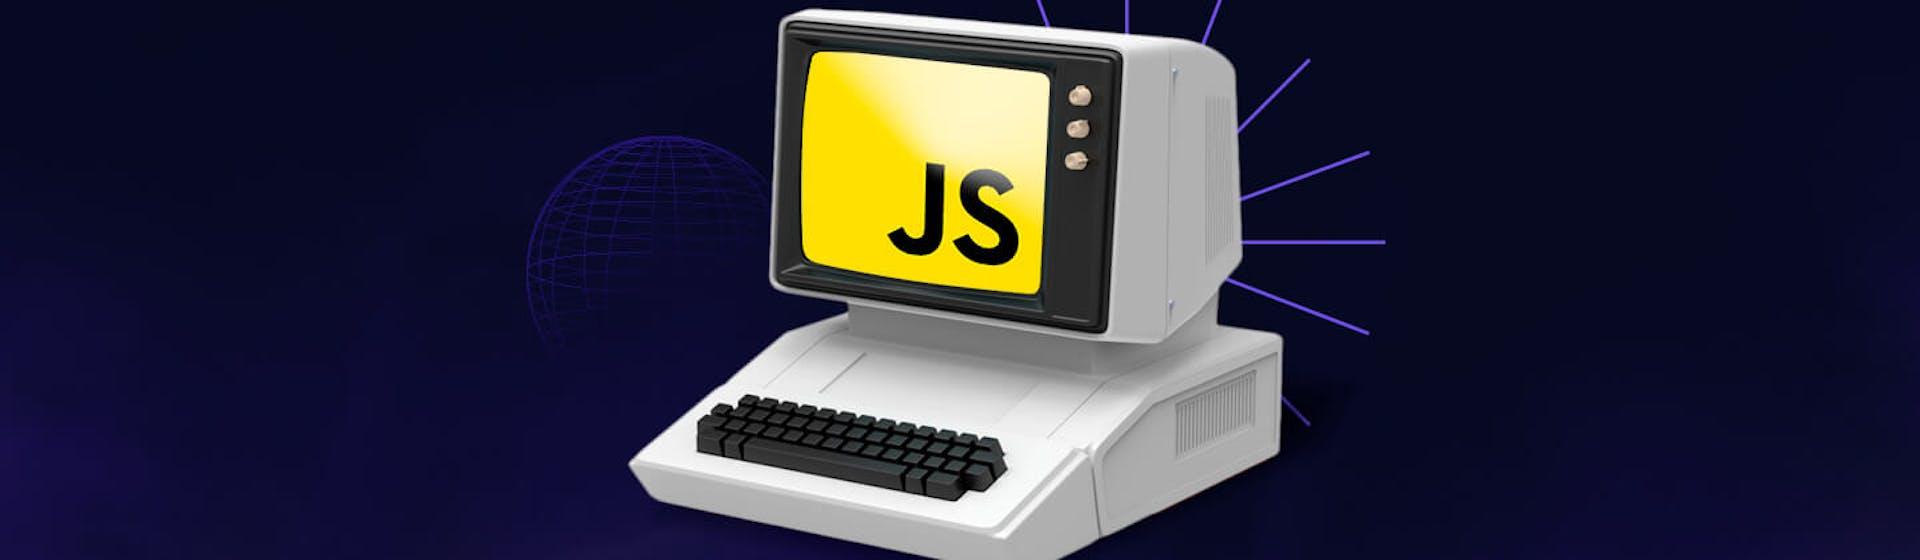 ¿Qué es Javascript? La guía para perderle el miedo a la programación